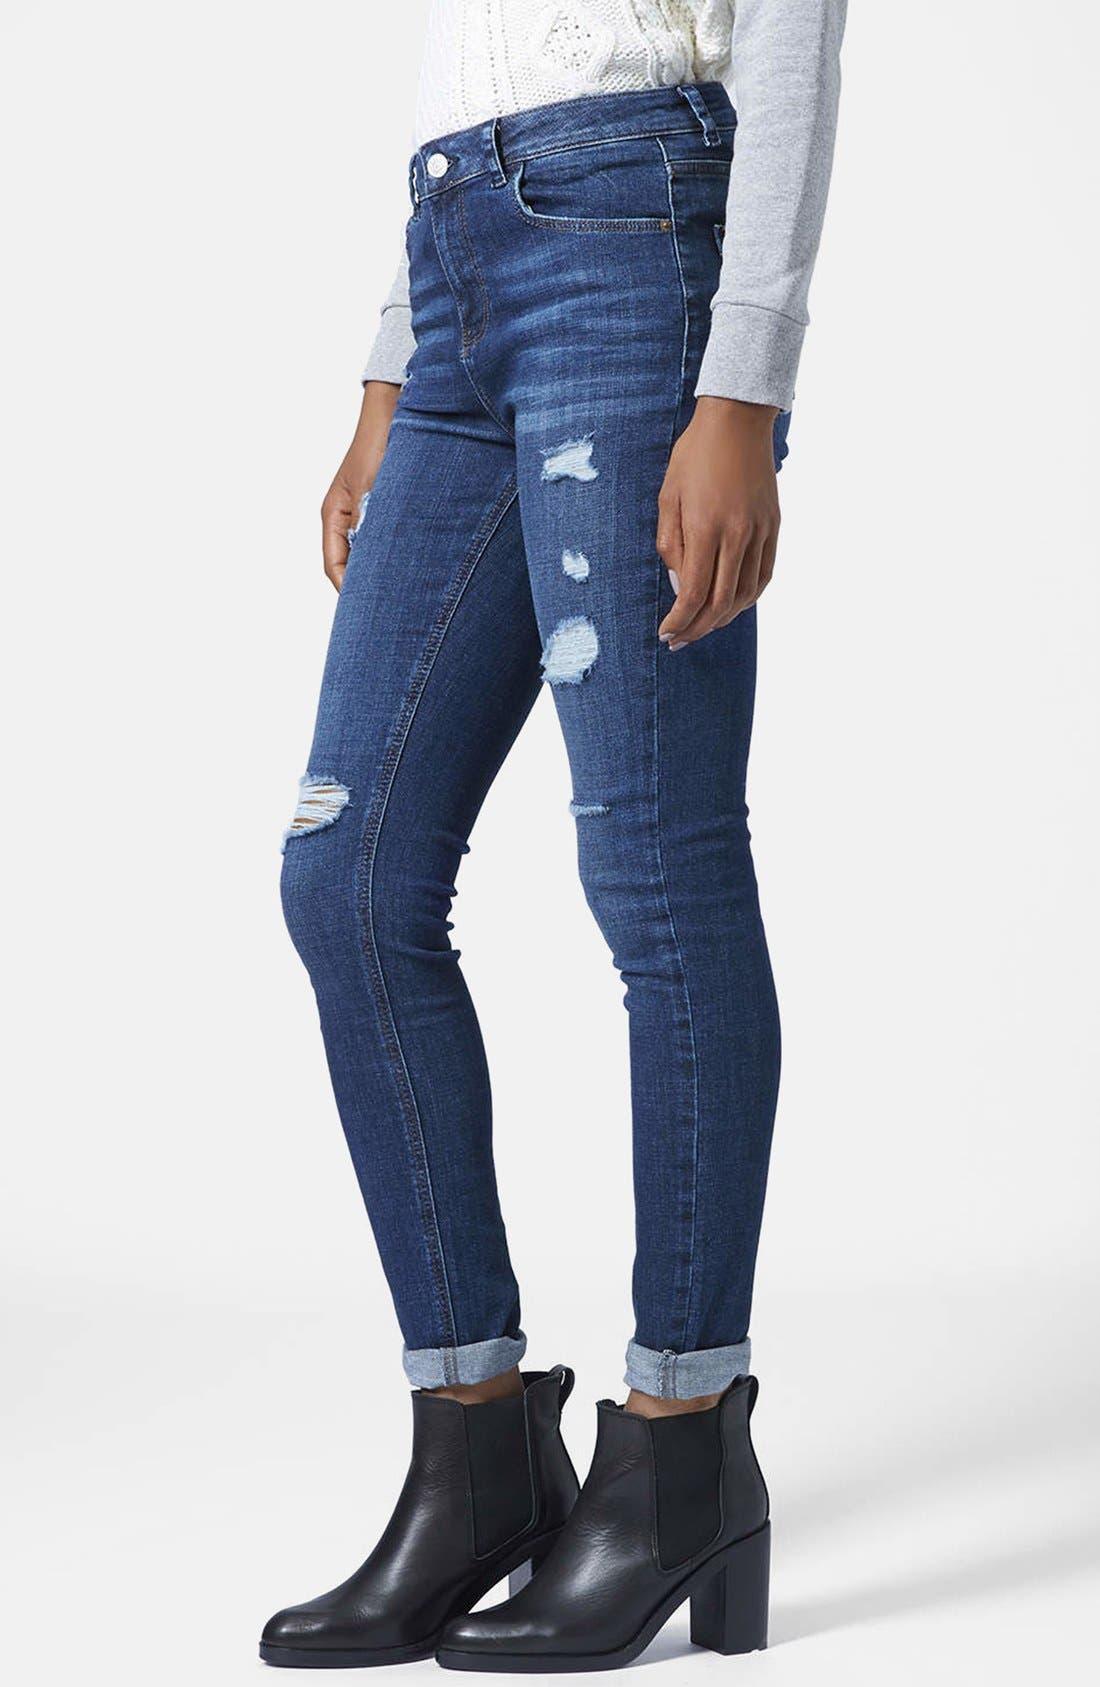 Main Image - Topshop Moto Ripped Skinny Jeans (Dark Denim) (Regular & Short)